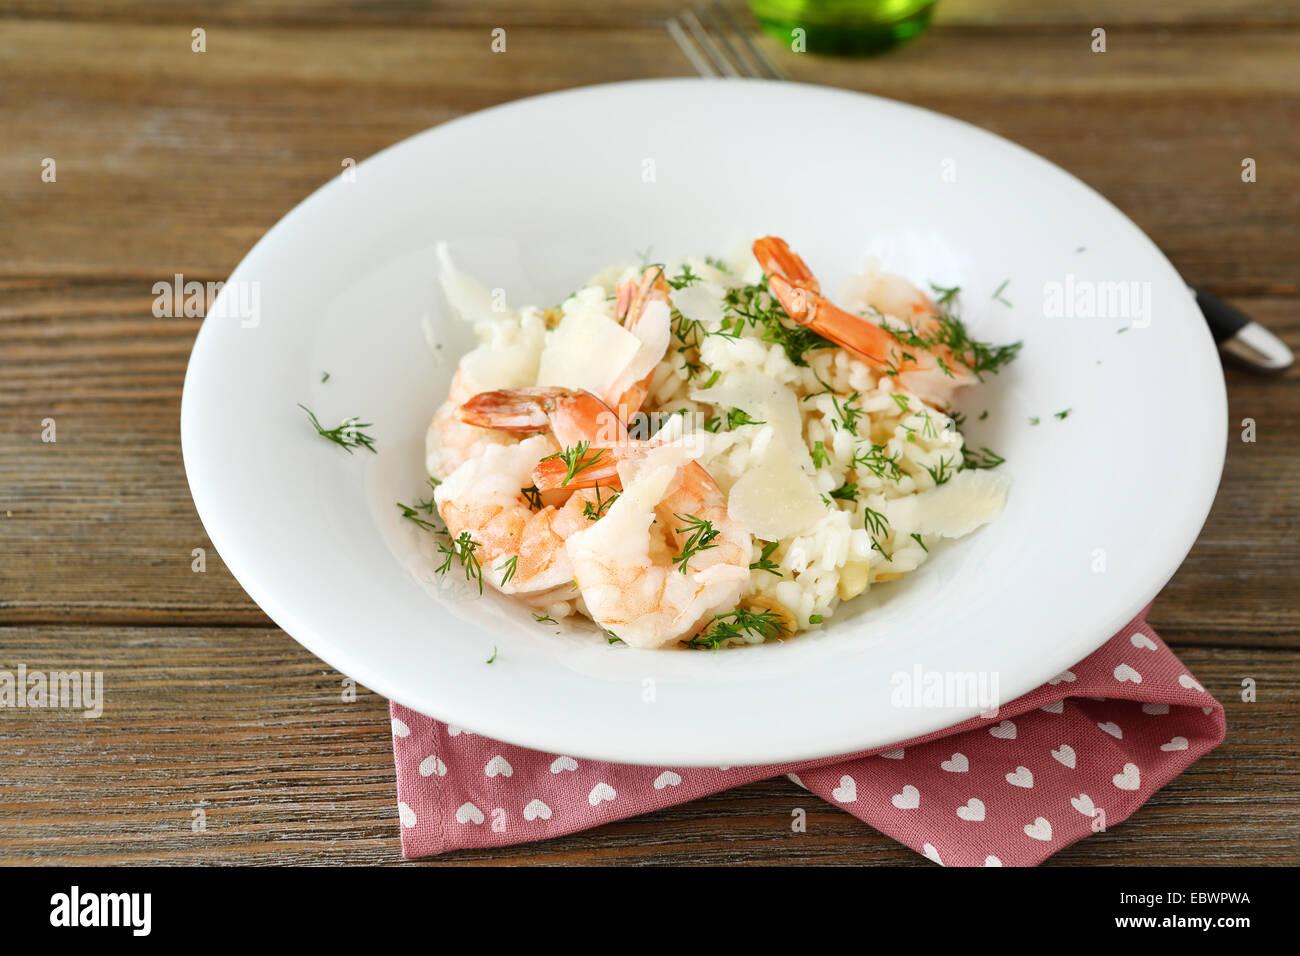 Reis mit Garnelen und Dill auf einem Teller, nahrhaftes Essen Stockbild